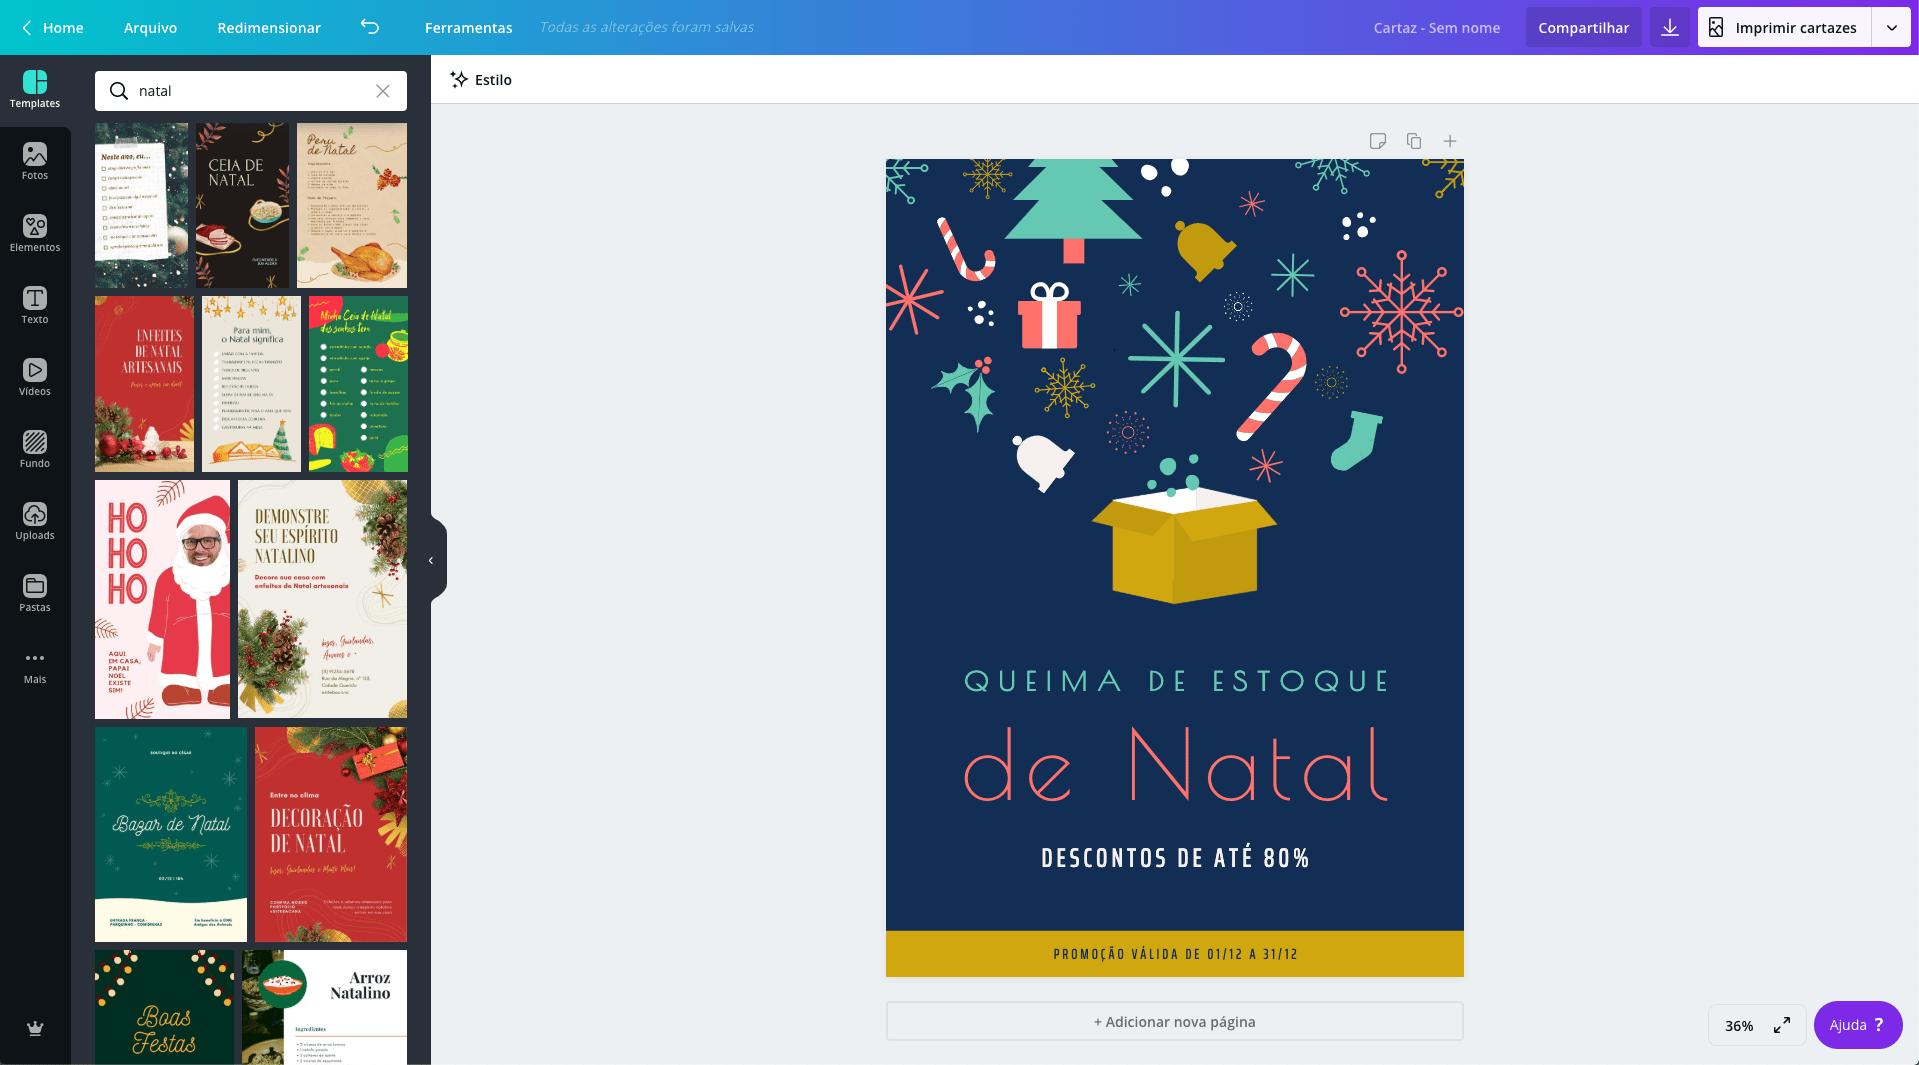 Cartaz de Natal